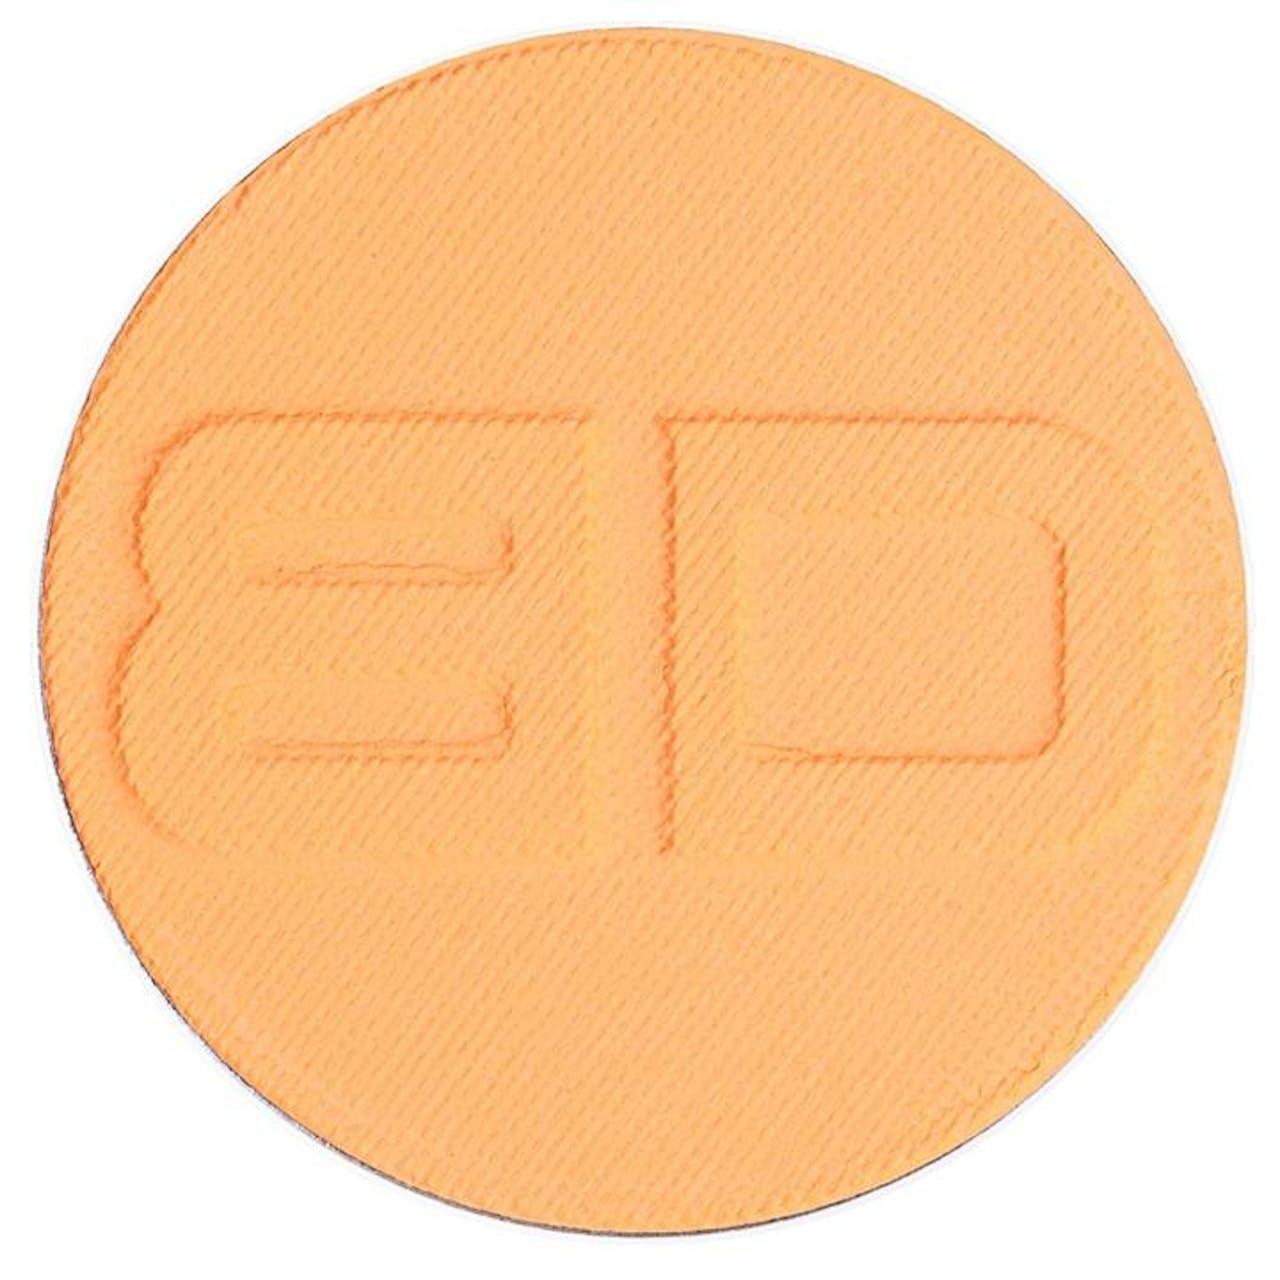 BD Puderpigment Pfirsich Refill 2,5g - 5.40€/1g